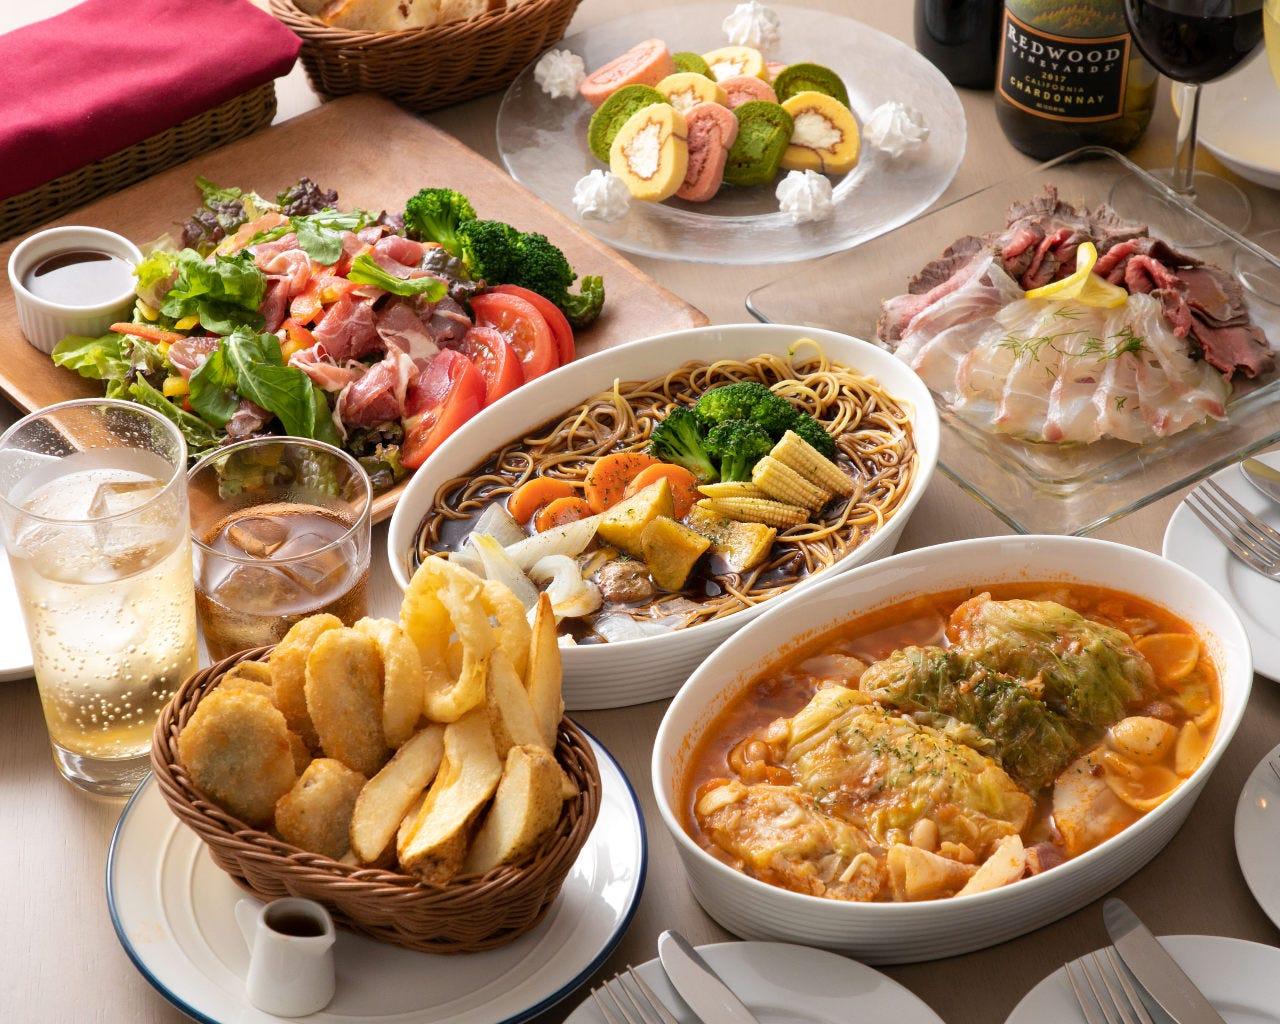 【2時間飲み放題付】デザートまで楽しめるパーティーコース<全7品>歓送迎会・ご宴会(大皿料理提供)